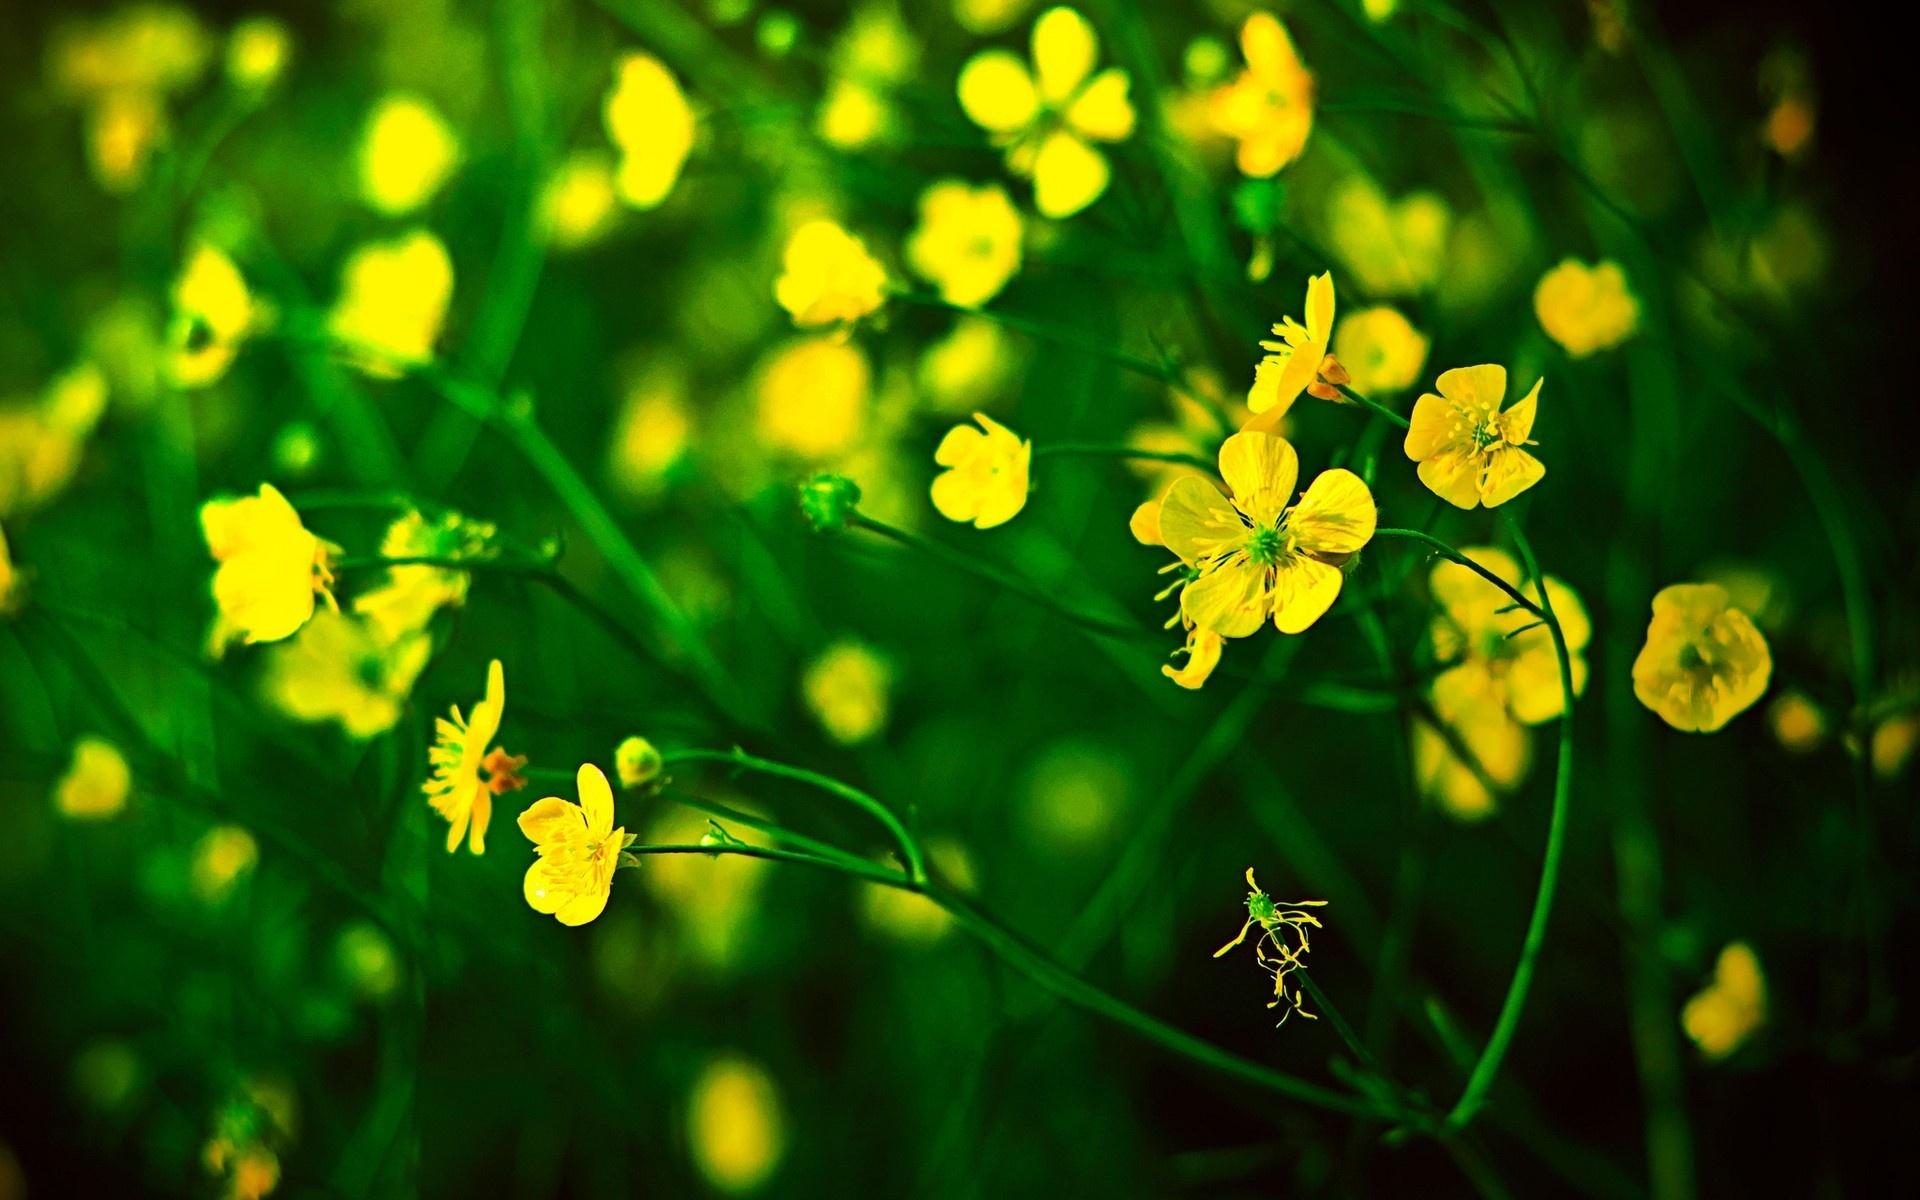 местности называется картинки на рабочий стол зеленый желтый настроен особым